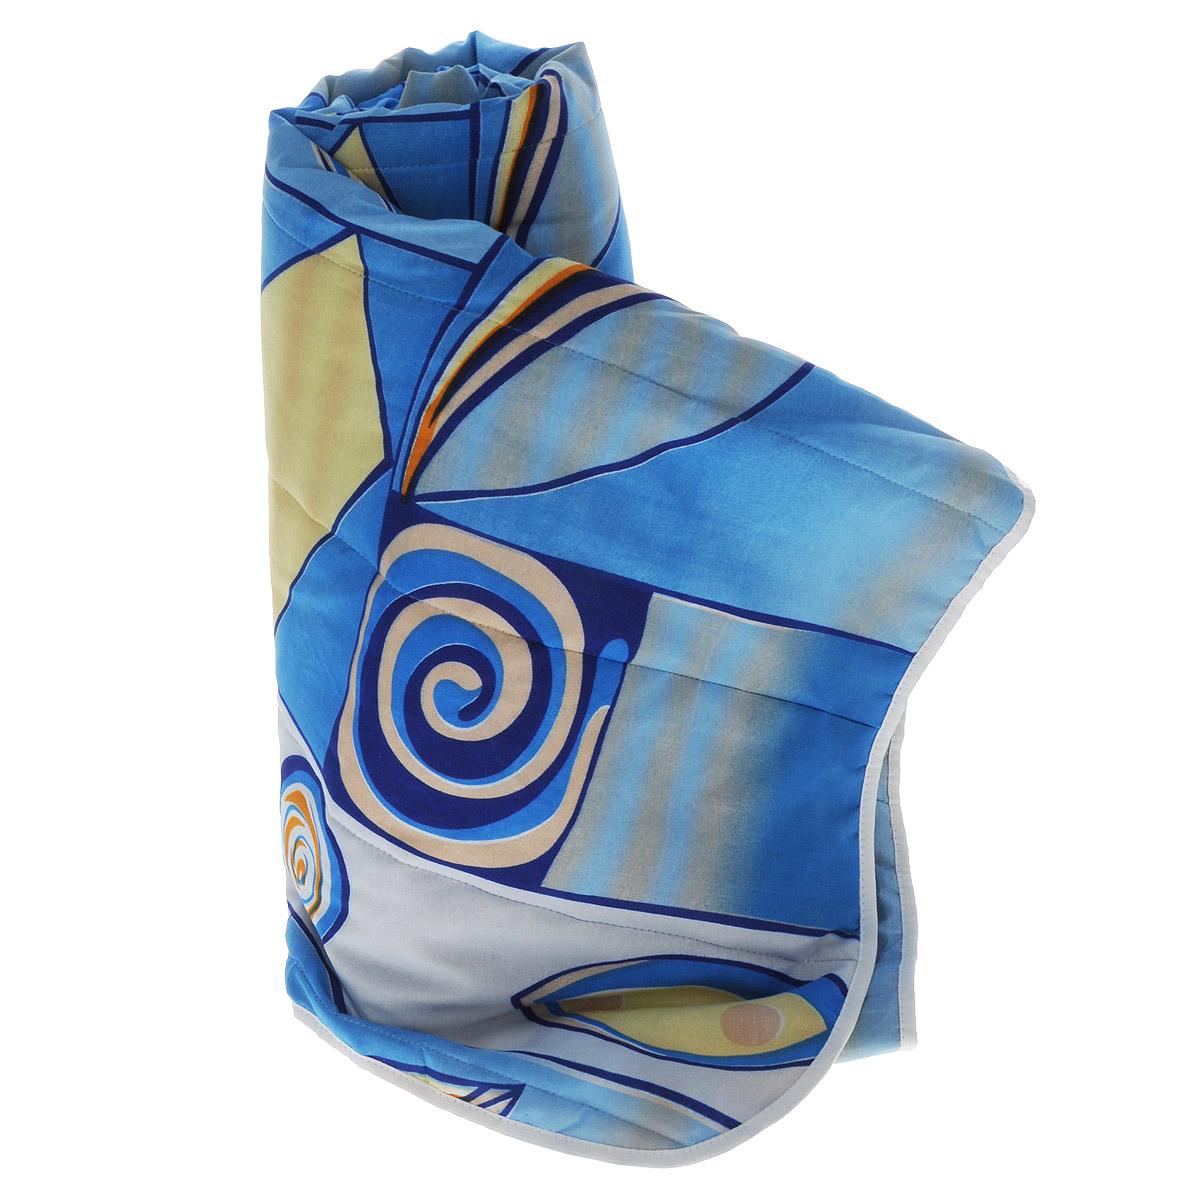 Одеяло летнее OL-Tex Miotex, наполнитель: холфитекс, цвет: синий, желтый, 200 х 220 смМХПЭ-22-1_синийЧехол летнего одеяла OL-Tex Miotex выполнен из высококачественного полиэстера. Наполнитель - холфитекс. Одеяло простегано - значит, наполнитель внутри будет всегда распределен равномерно. Изделие оформлено ярким рисунком. Идеально подойдет тем, кто ценит мягкость и тепло. Ручная стирка при температуре 30°С. Материал чехла: 100% полиэстер. Наполнитель: холфитекс.